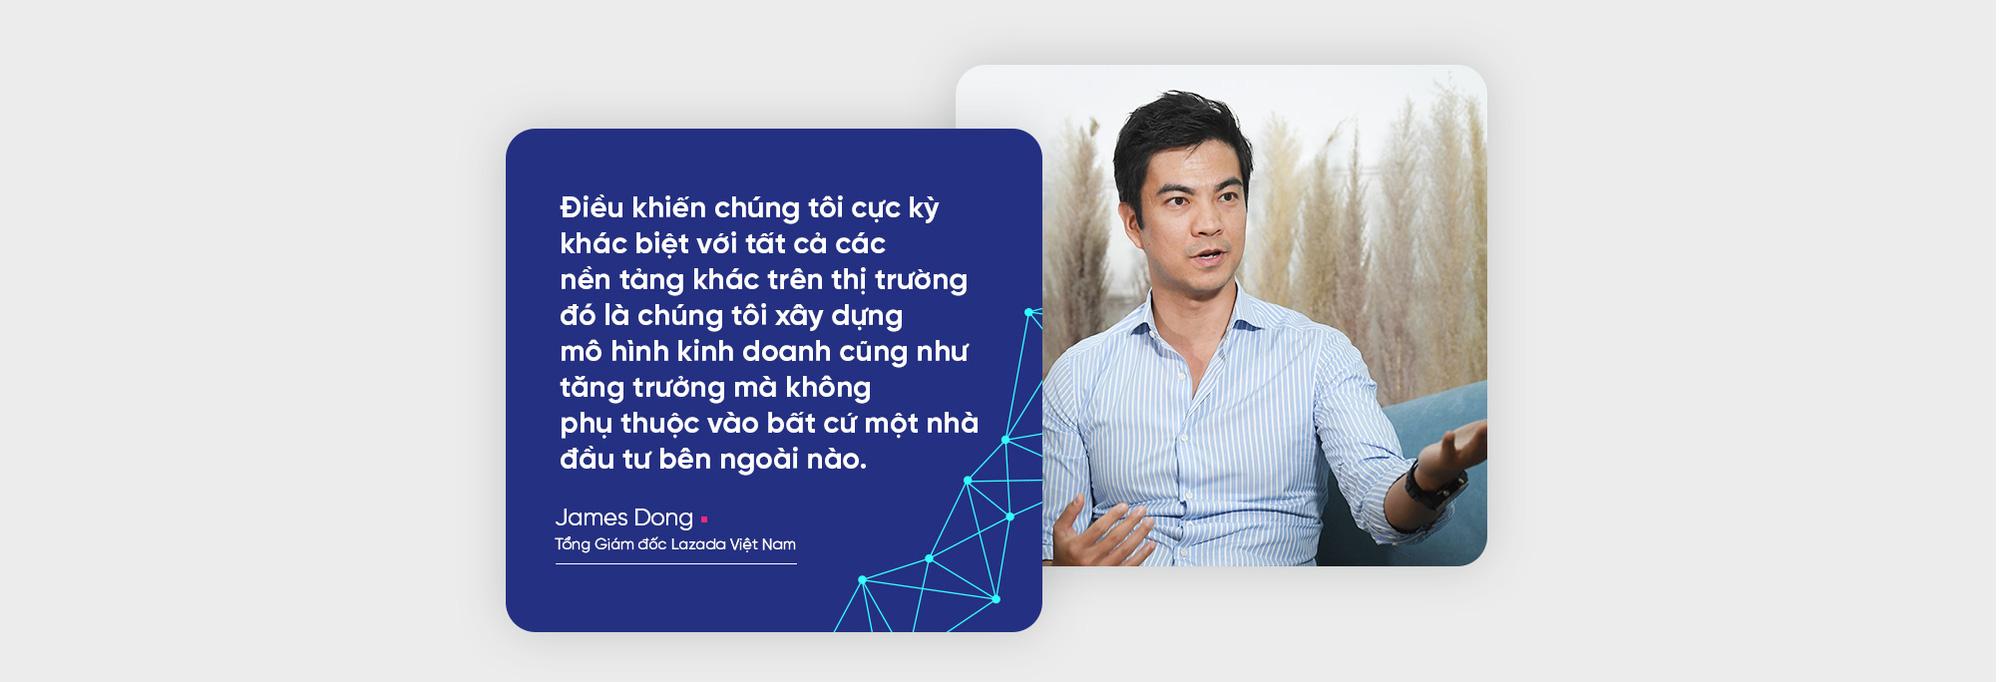 CEO Lazada Việt Nam dự báo gì về cuộc đua cạnh tranh của các sàn thương mại điện tử? - Ảnh 3.